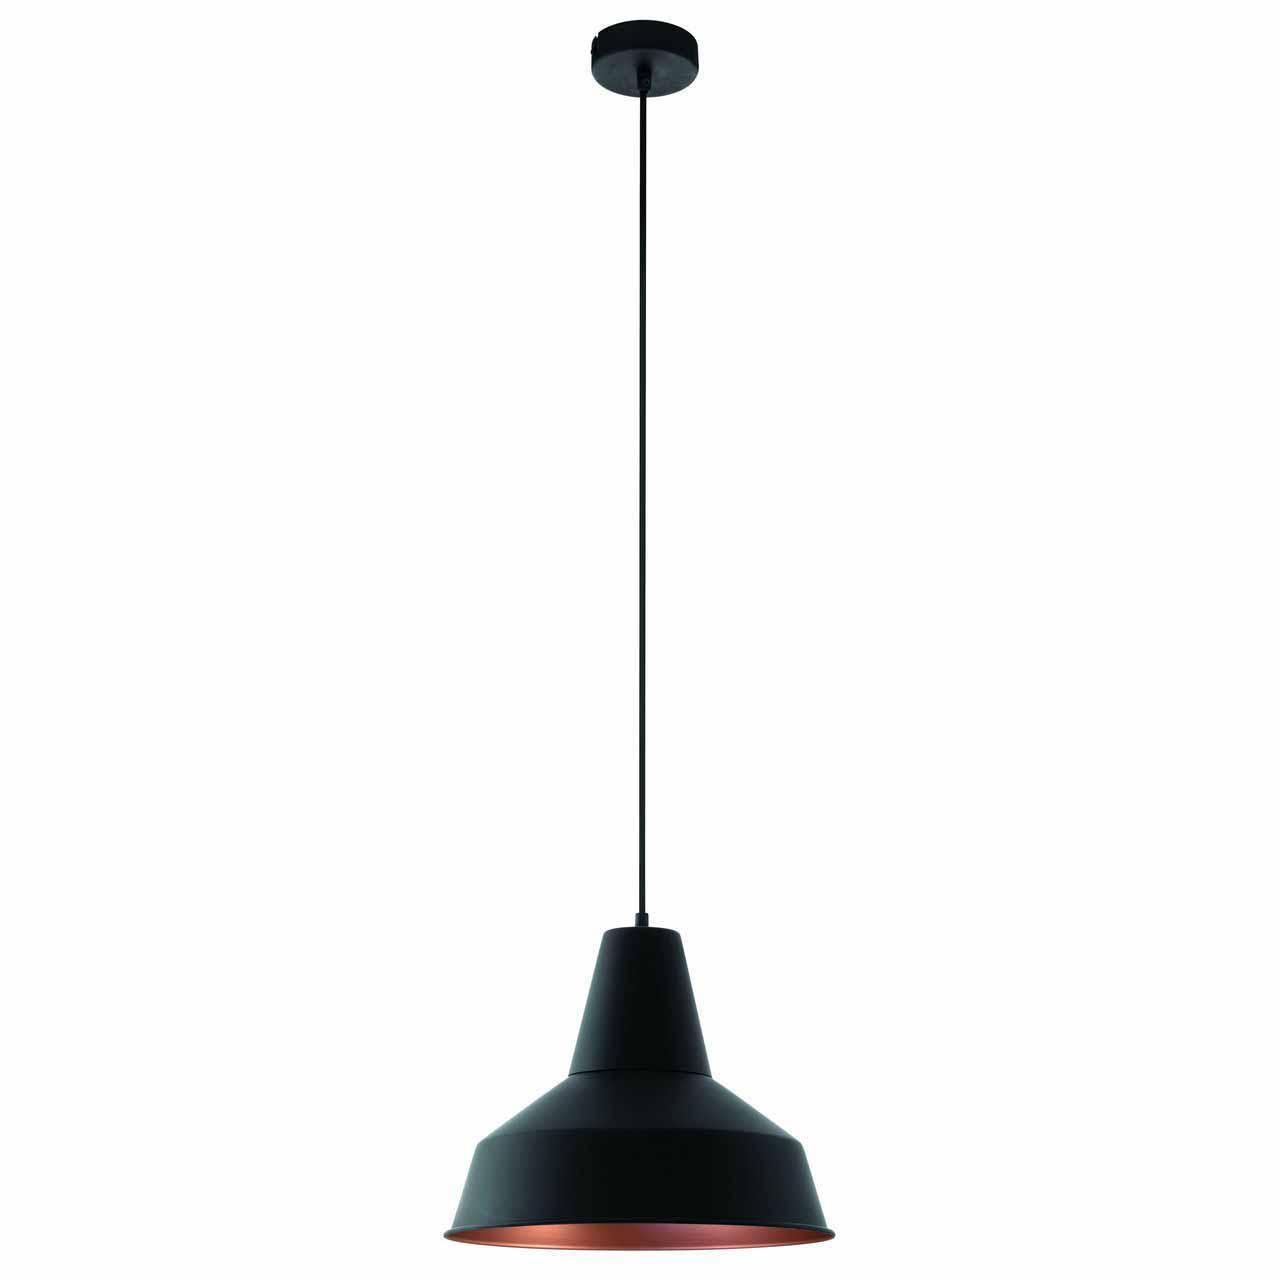 Подвесной светильник Eglo Truro 2 49387 eglo 49387